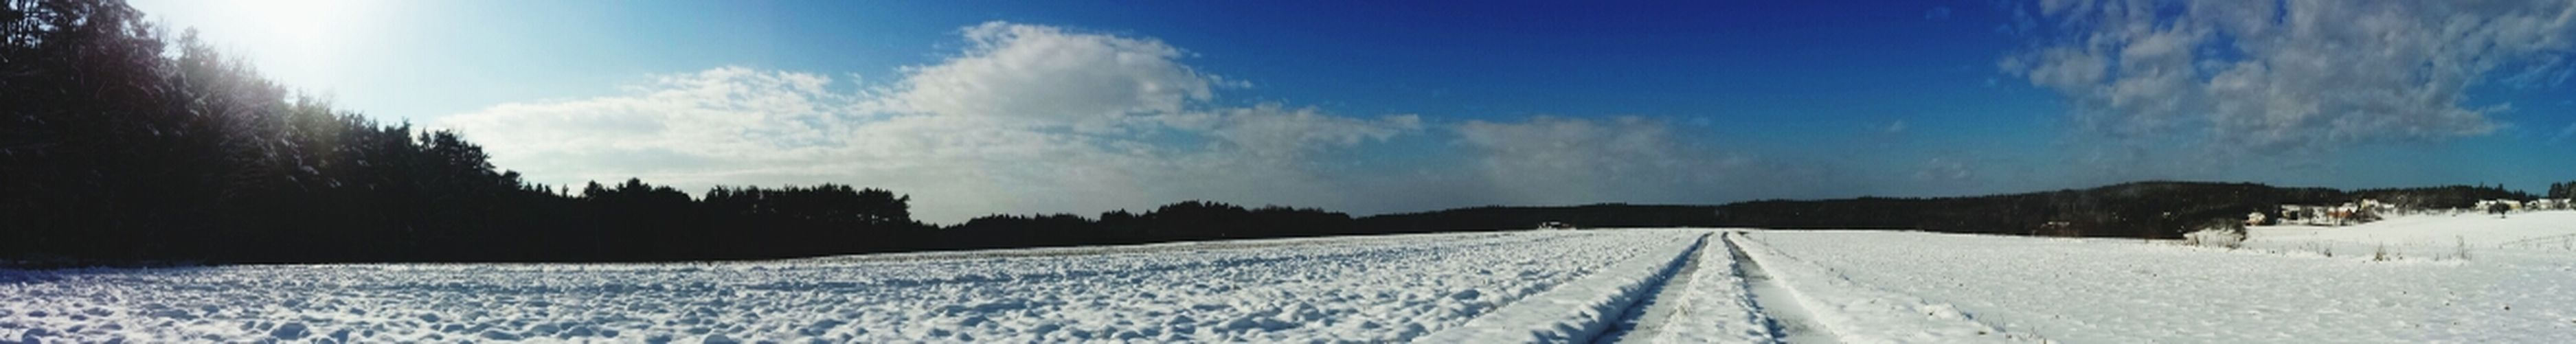 Panorama von Landschaft Feld Snow